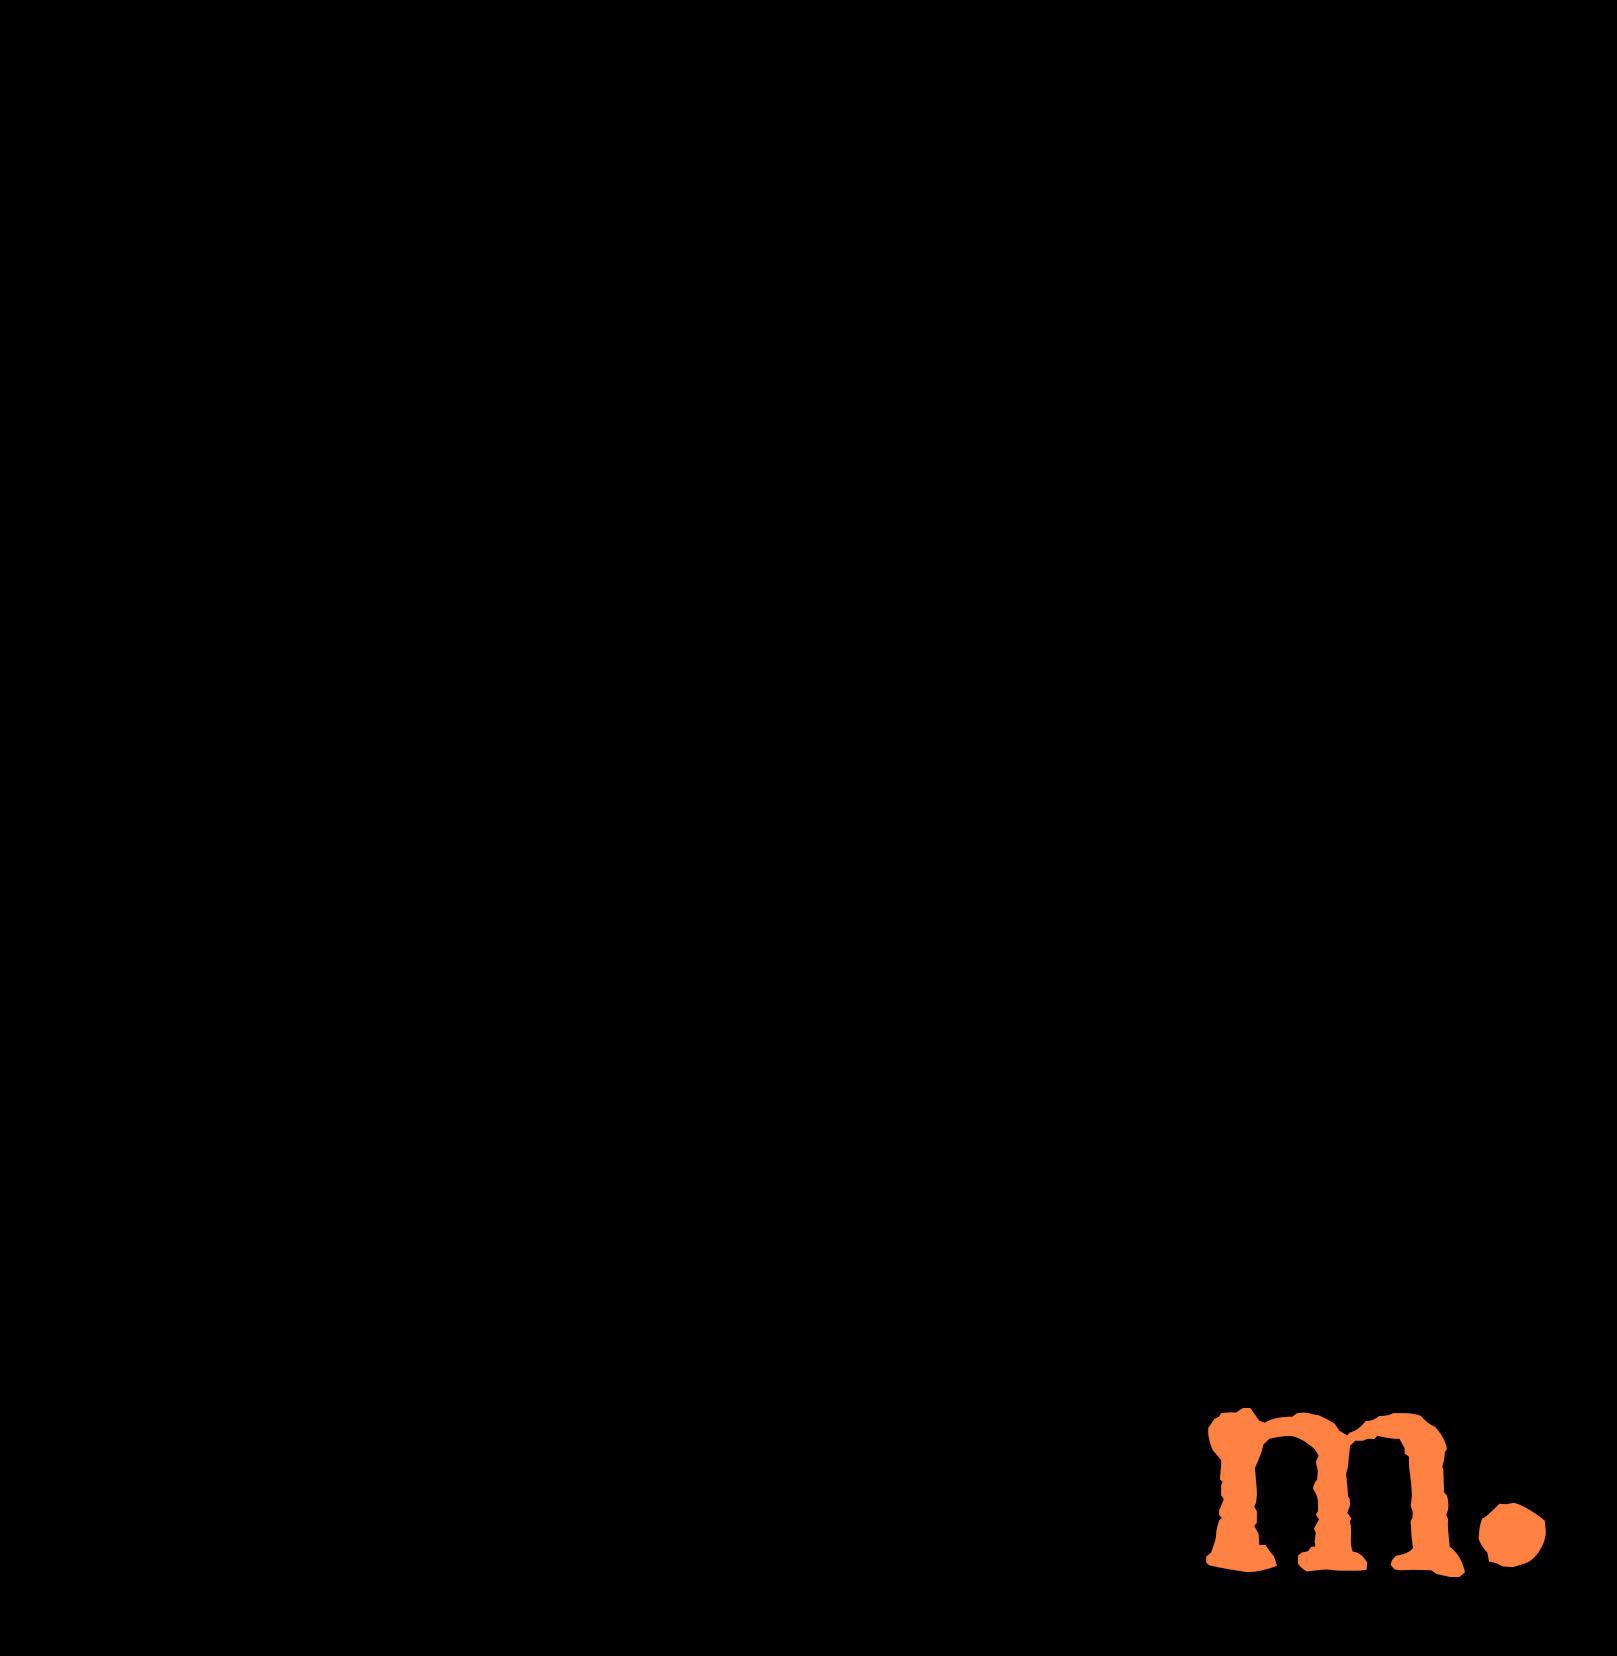 mango.  Gold and Platinum Club